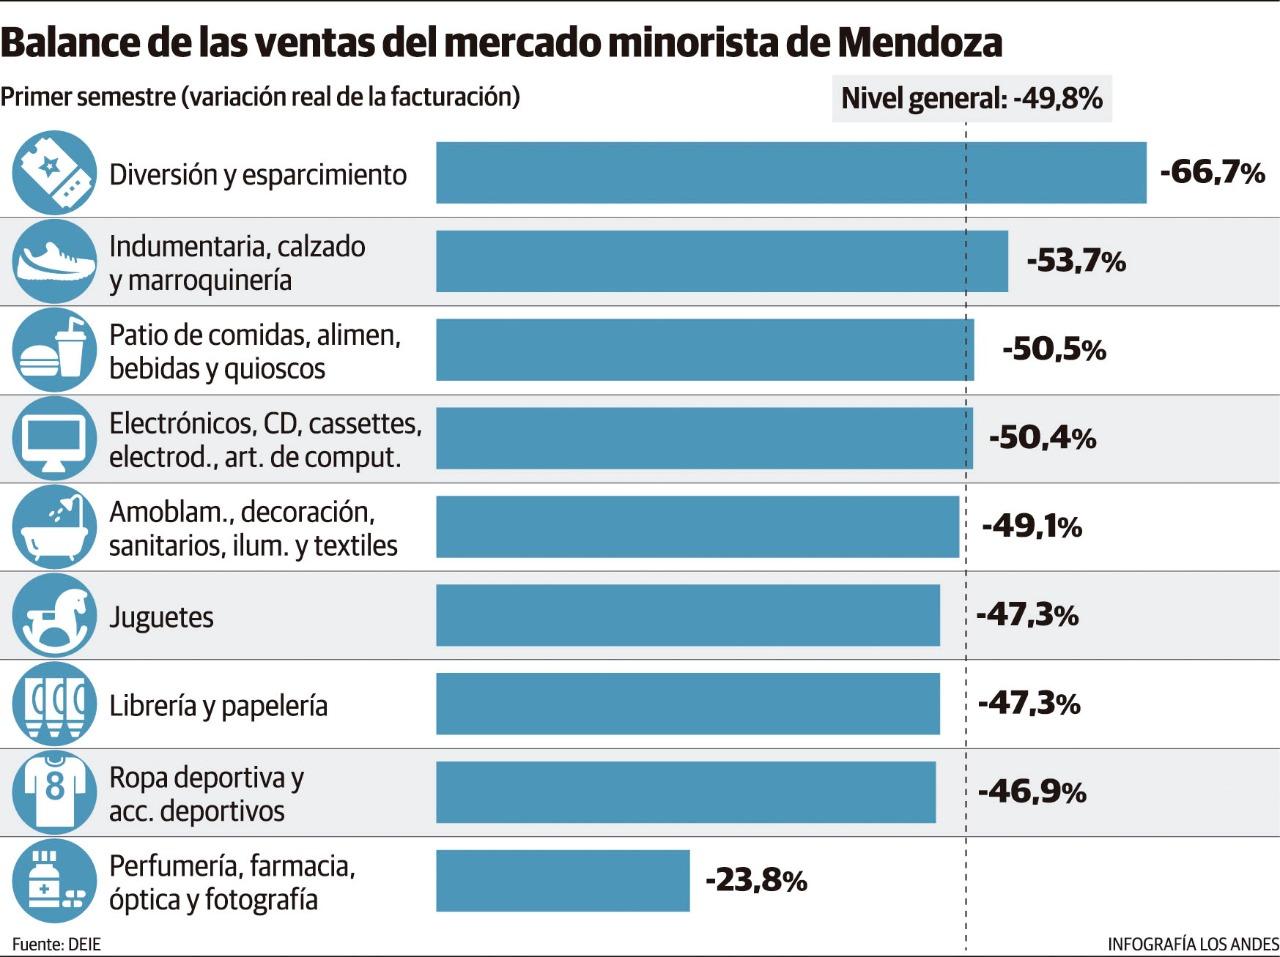 Balance de las ventas del mercado minorista de Mendoza. Gustavo Guevara.